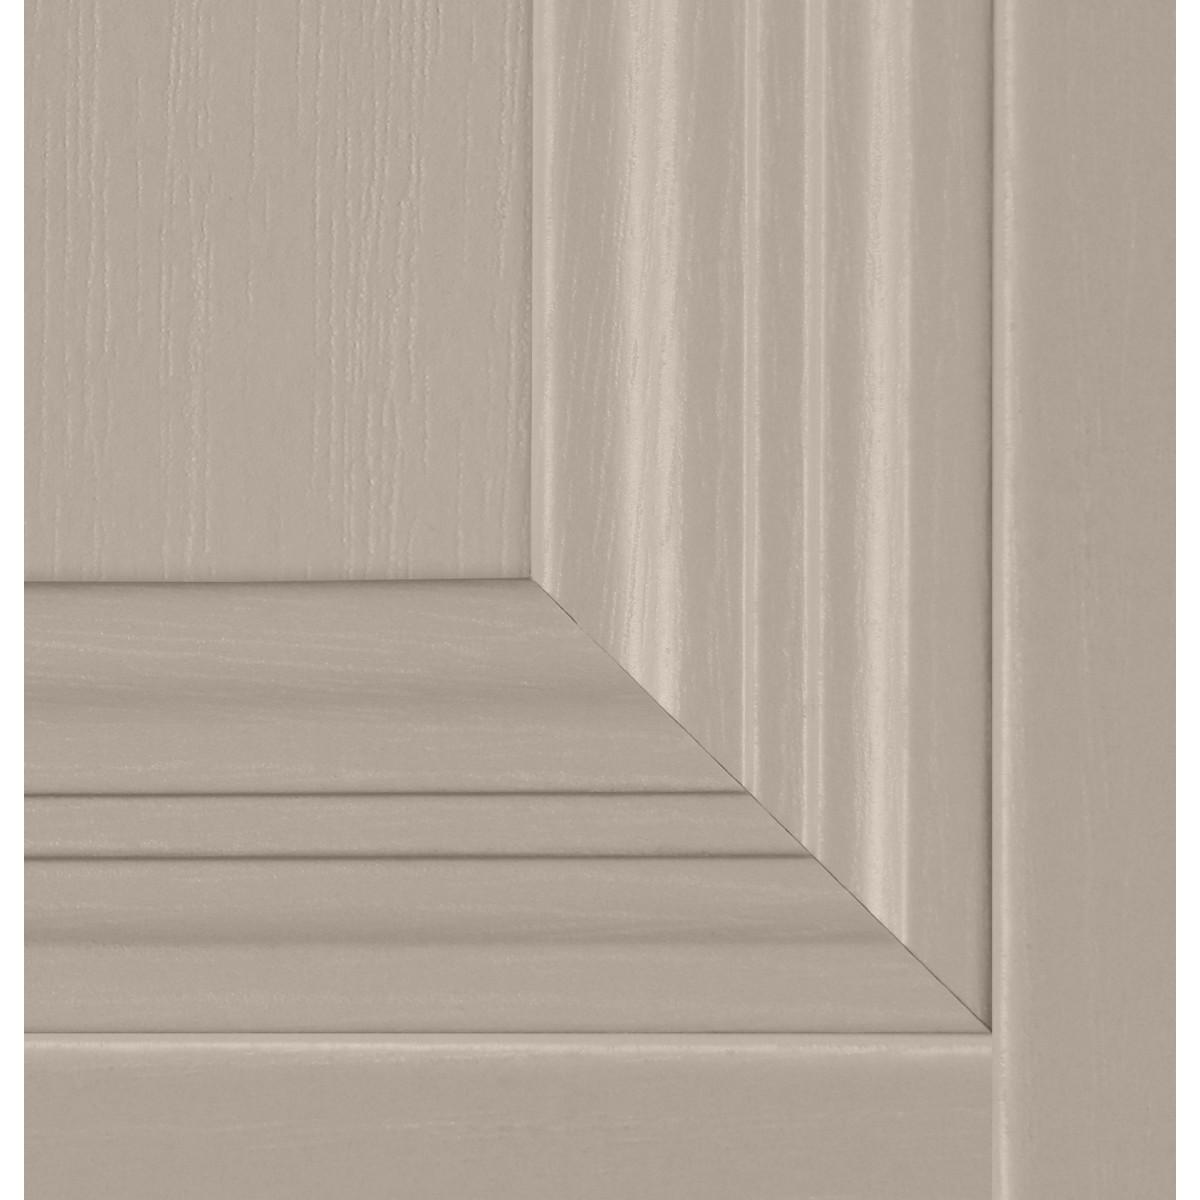 Дверь Межкомнатная Глухая Трилло 90x200 Hardflex Цвет Ясень